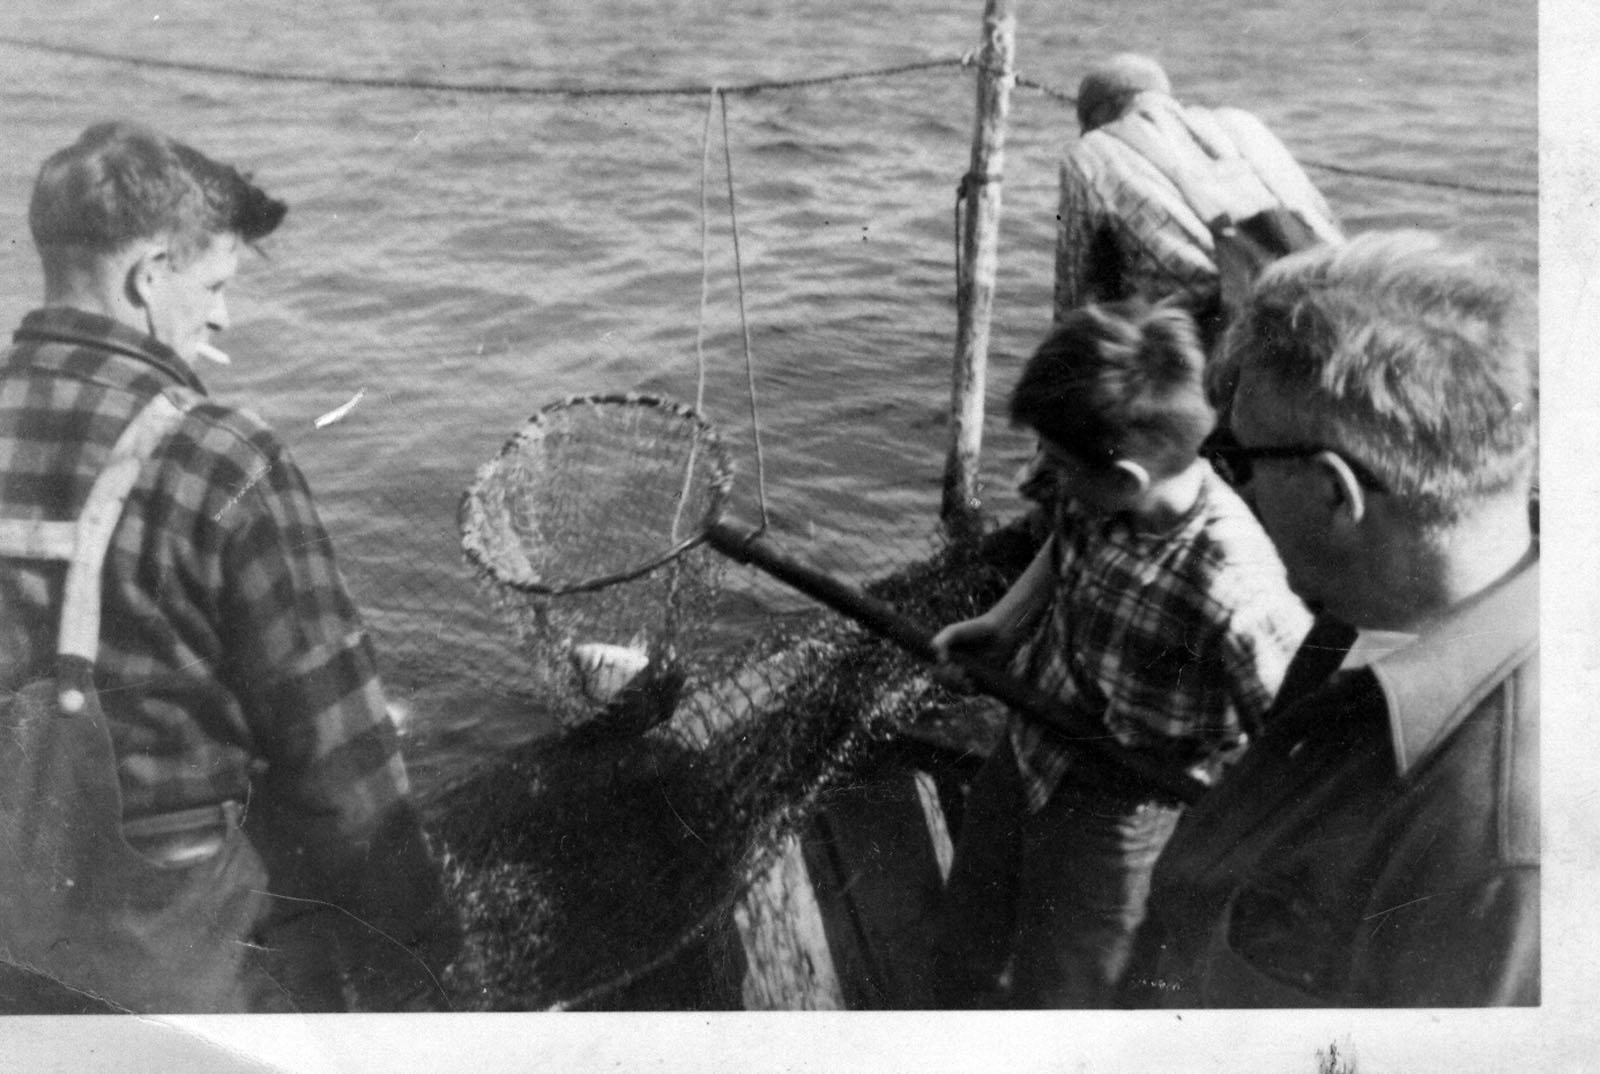 Groupe d'hommes à la pêche / Group of men fishing